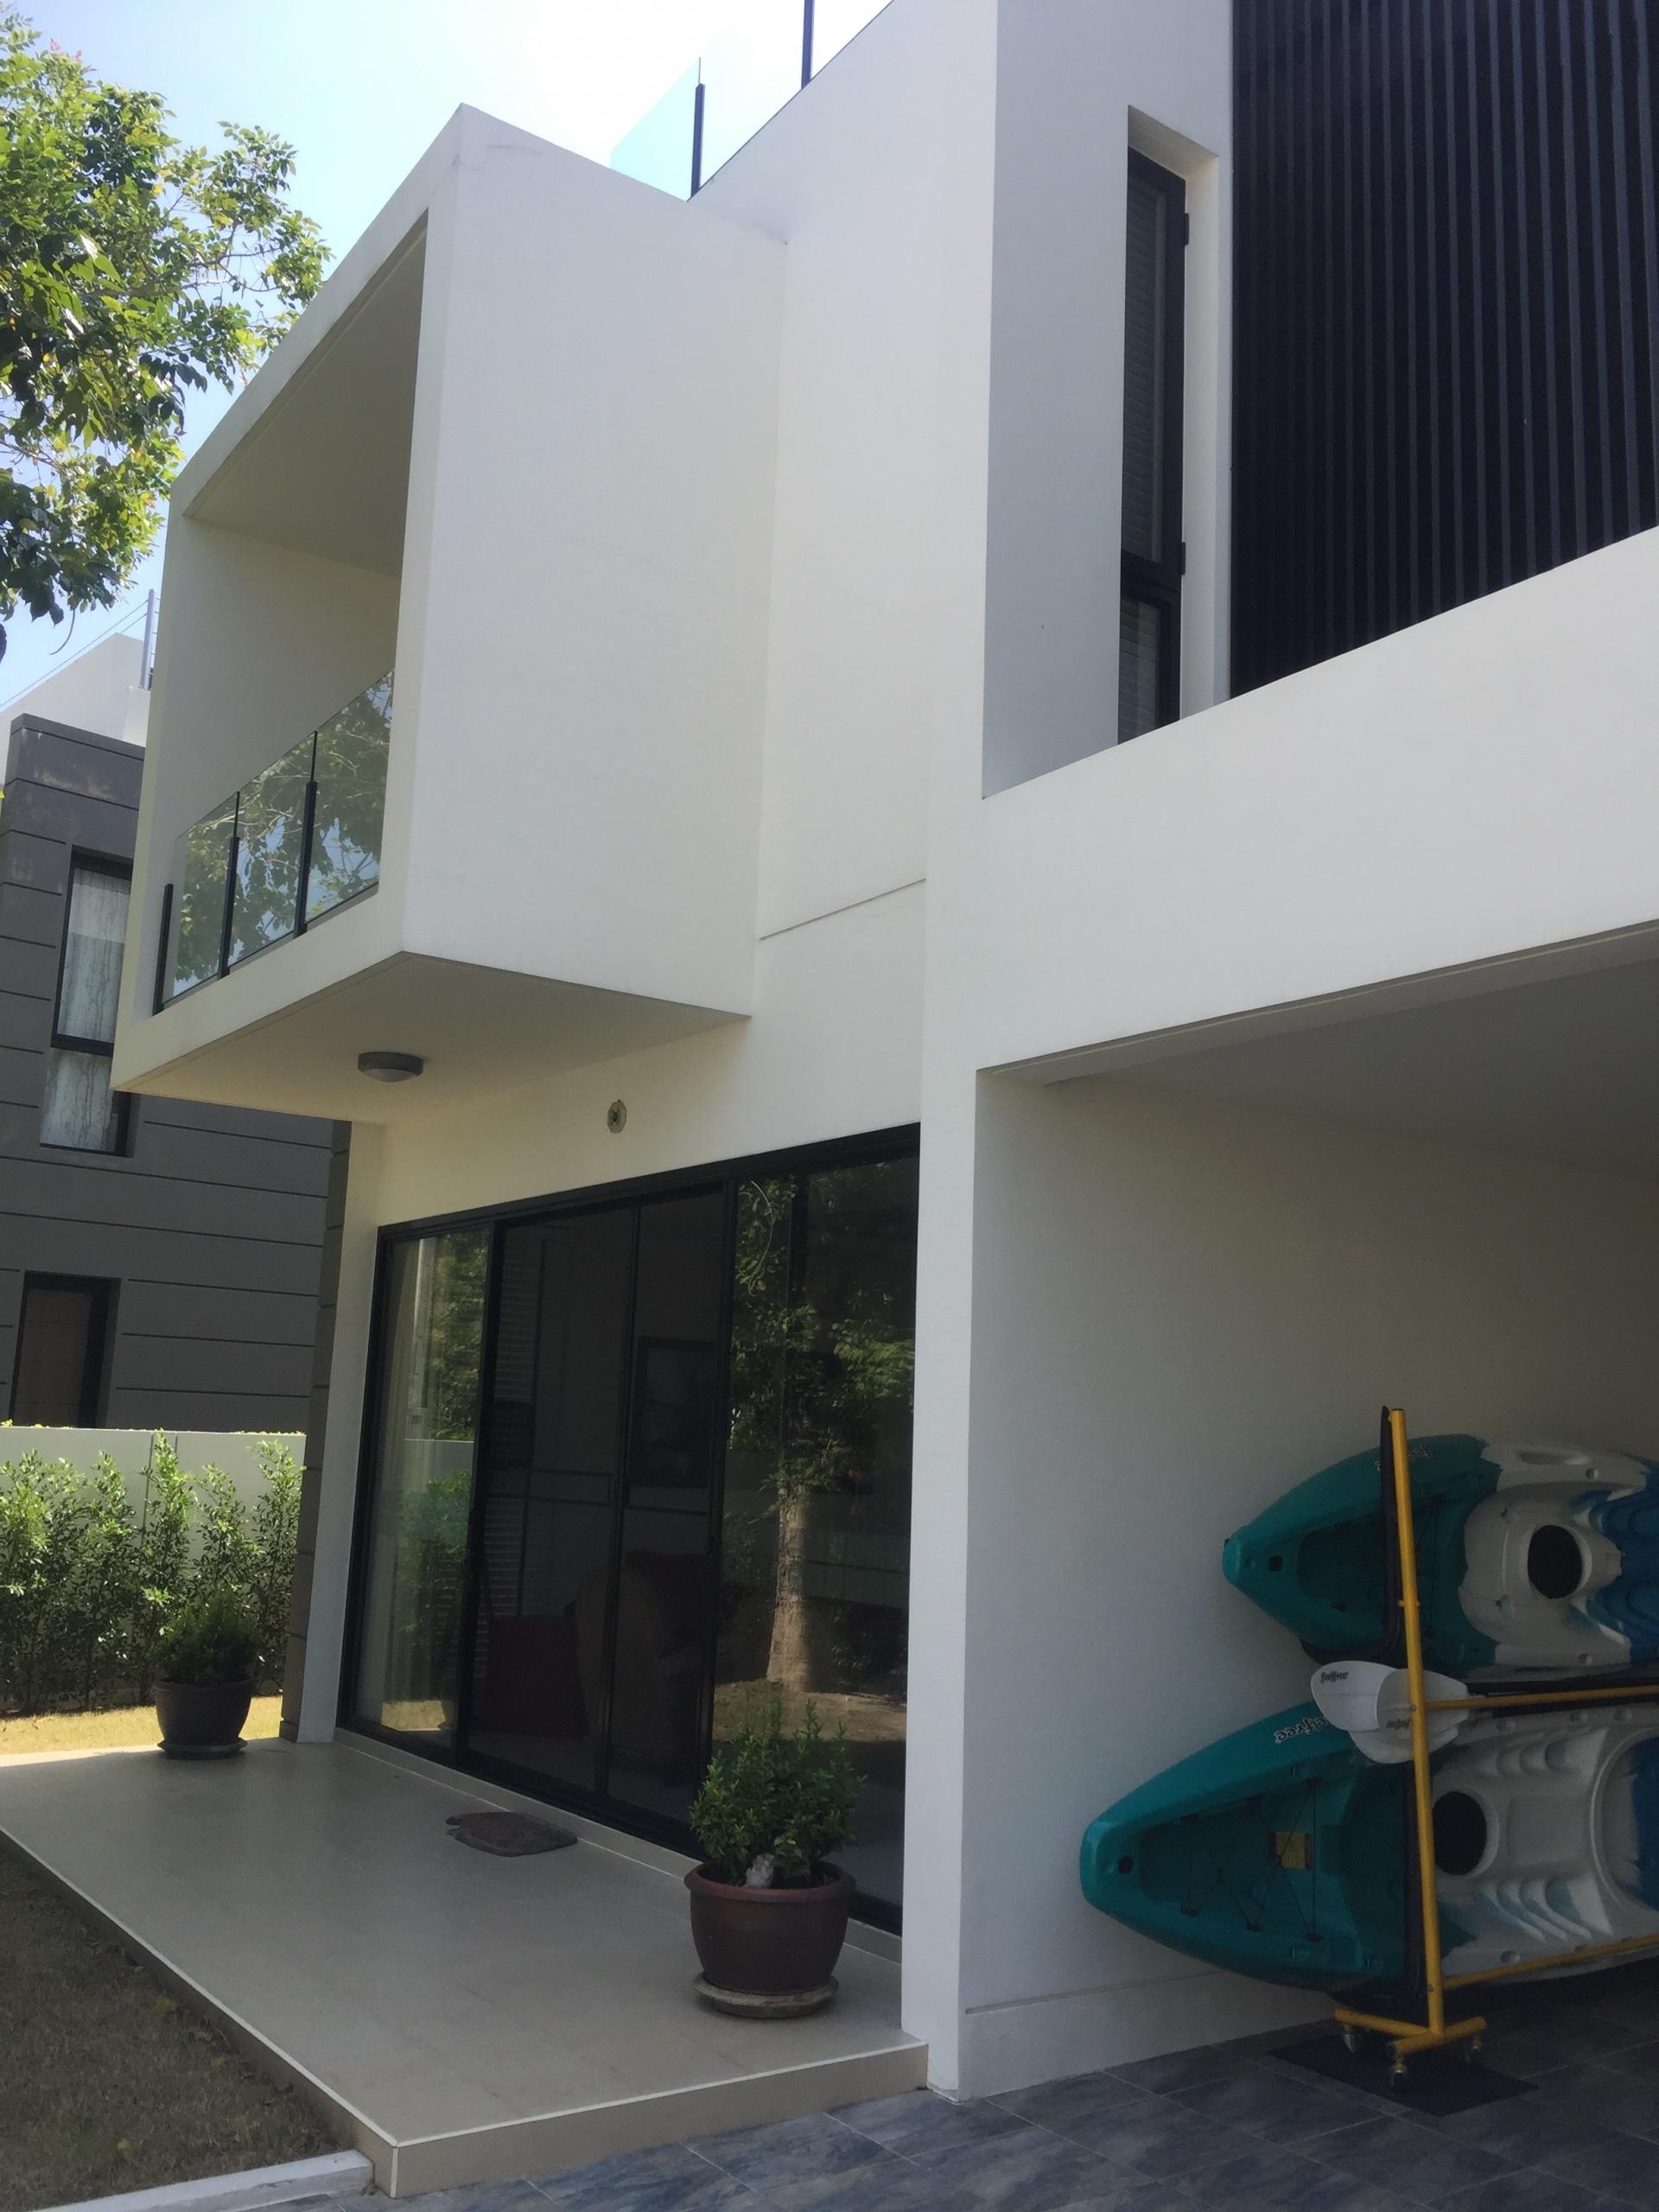 See Laguna Park 5 Bedrooms + Pool details